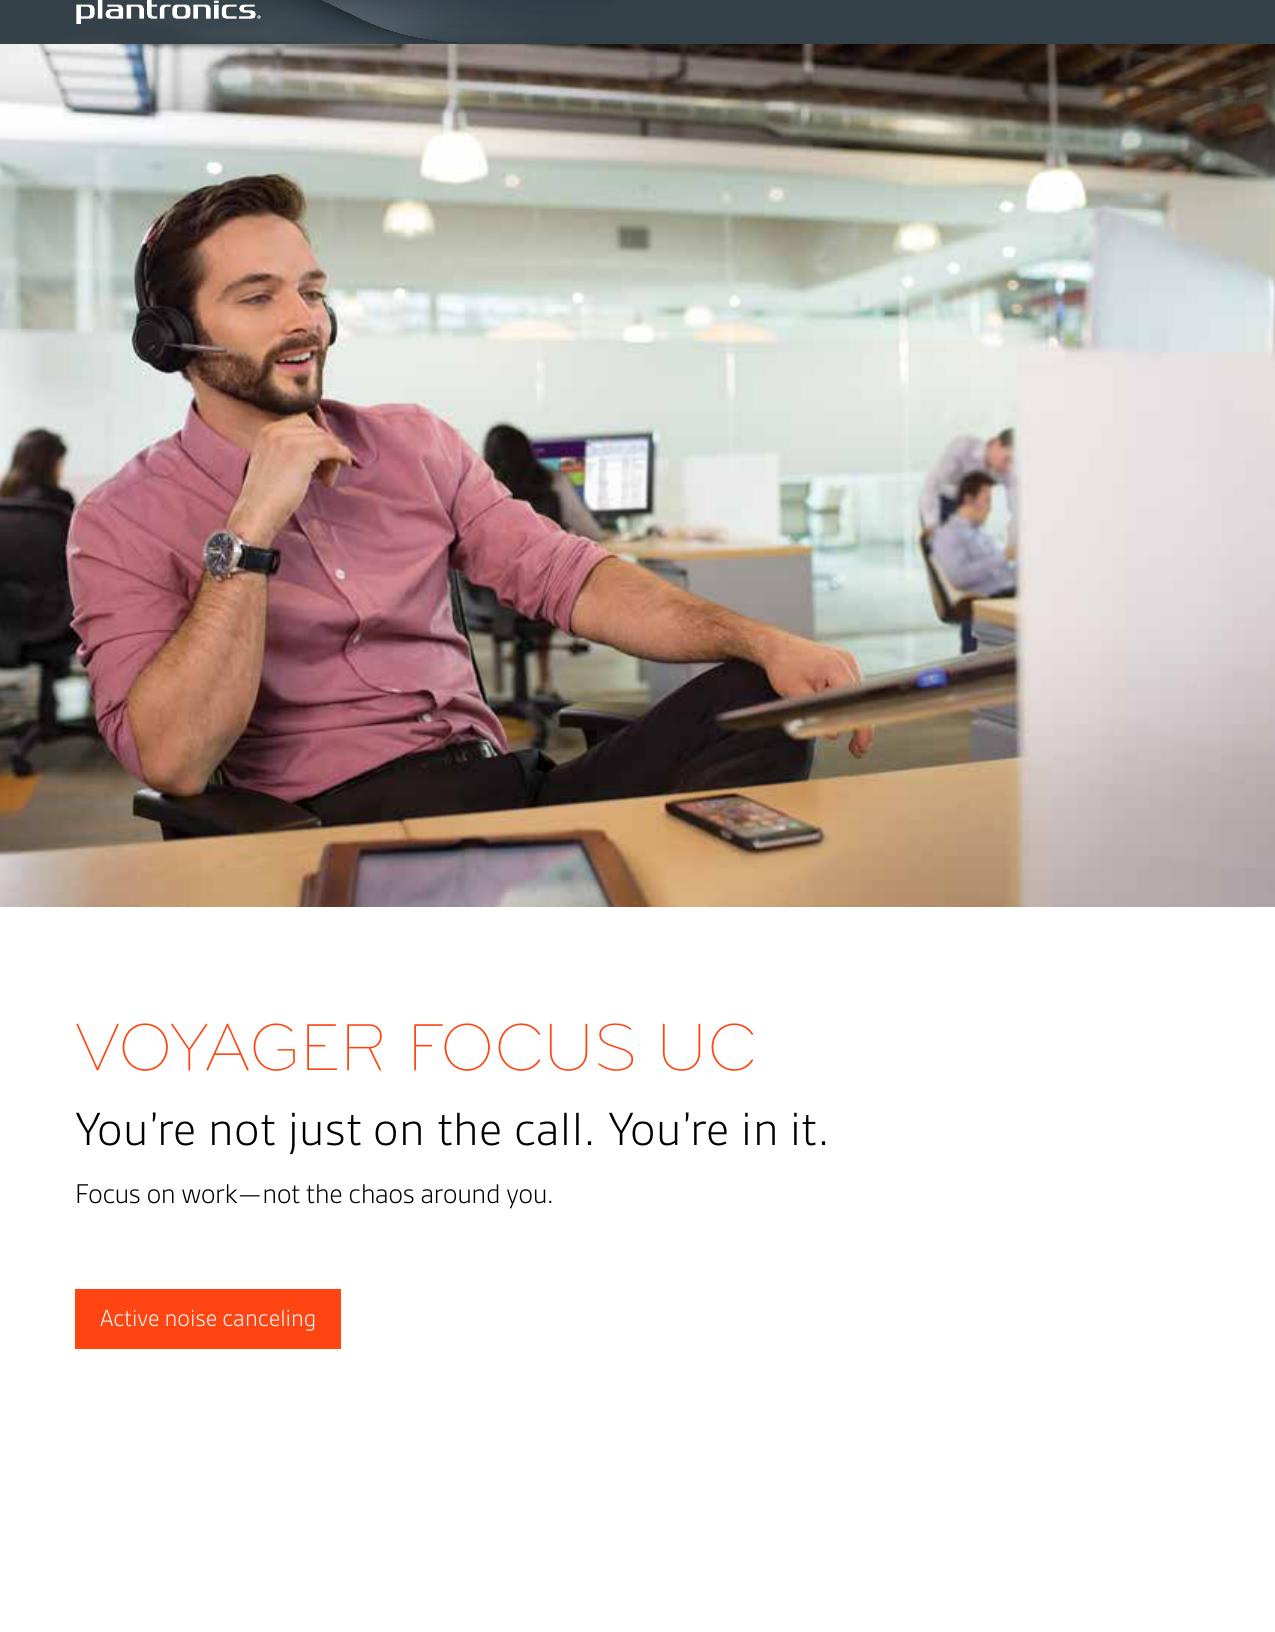 Plantronics Voyager Focus Uc Ps